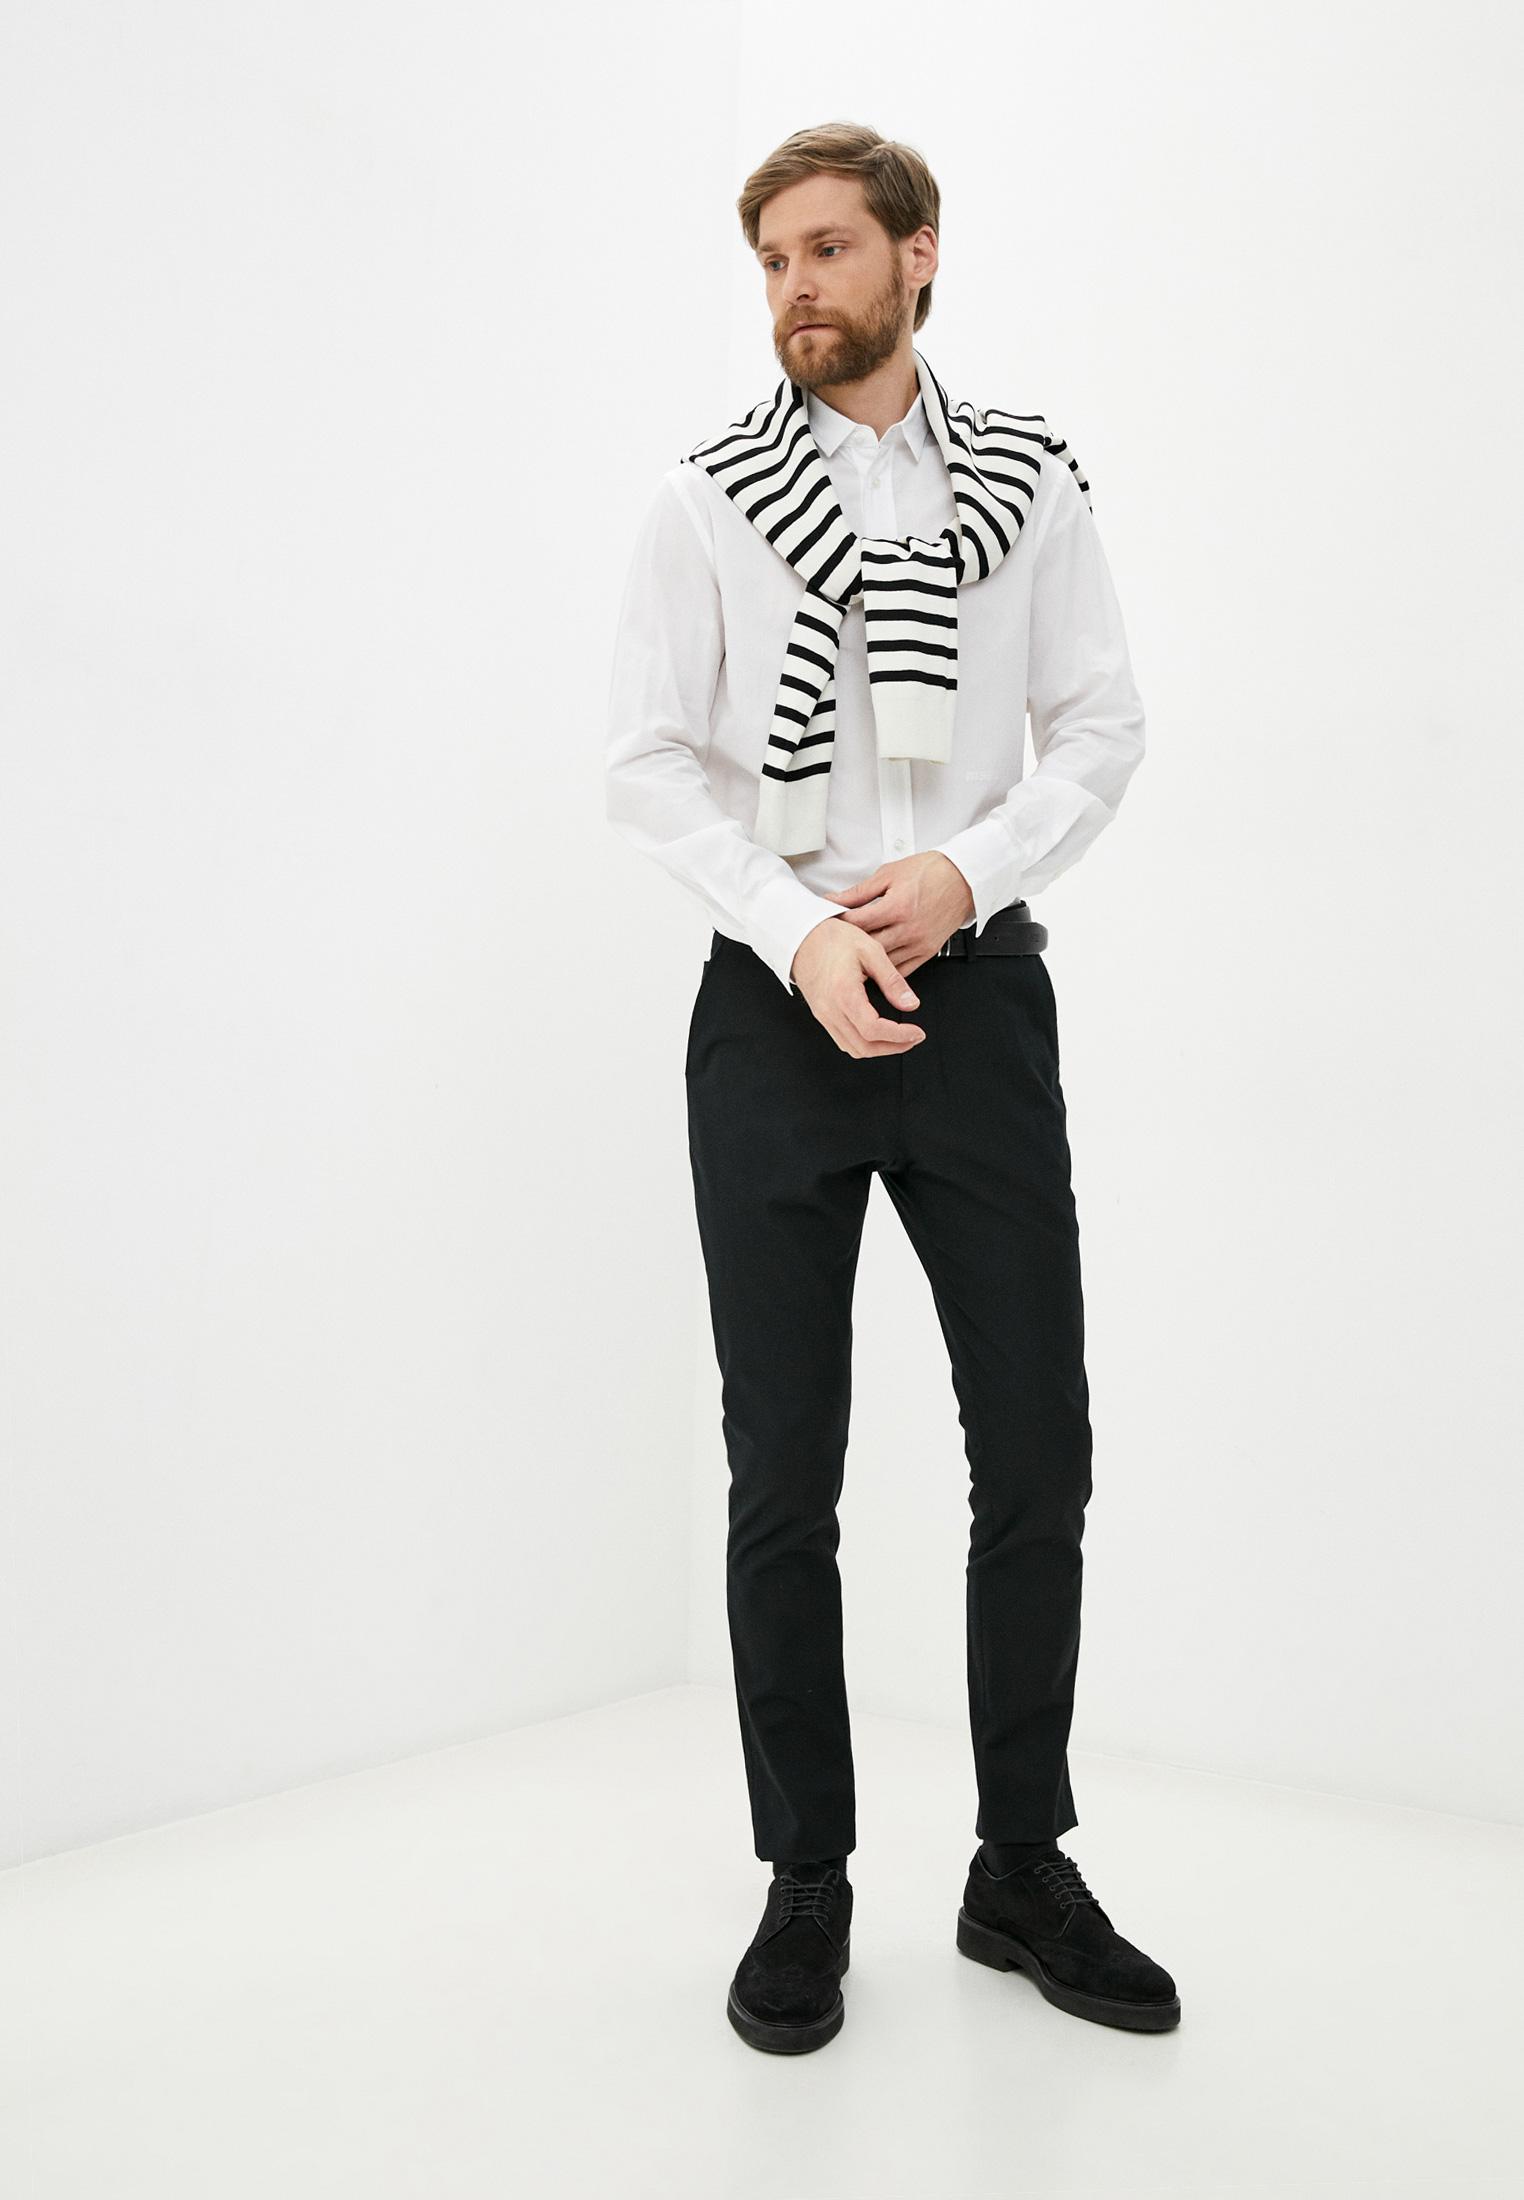 Рубашка с длинным рукавом Bikkembergs (Биккембергс) C C 014 01 T 9208: изображение 3